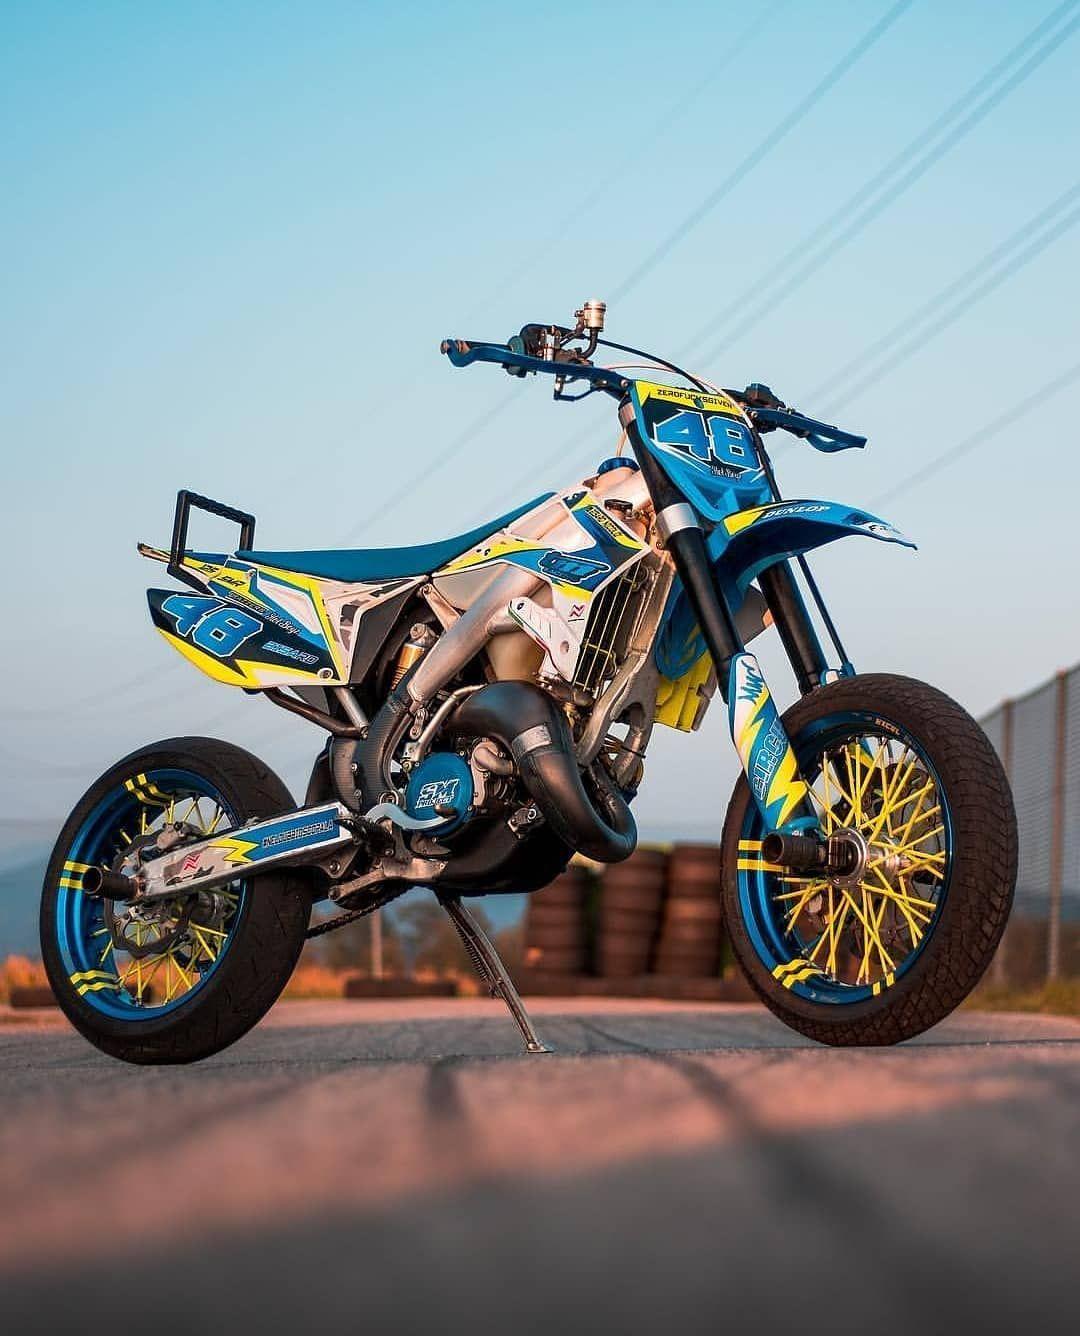 Folgen Supermoto Motocross Bike Life